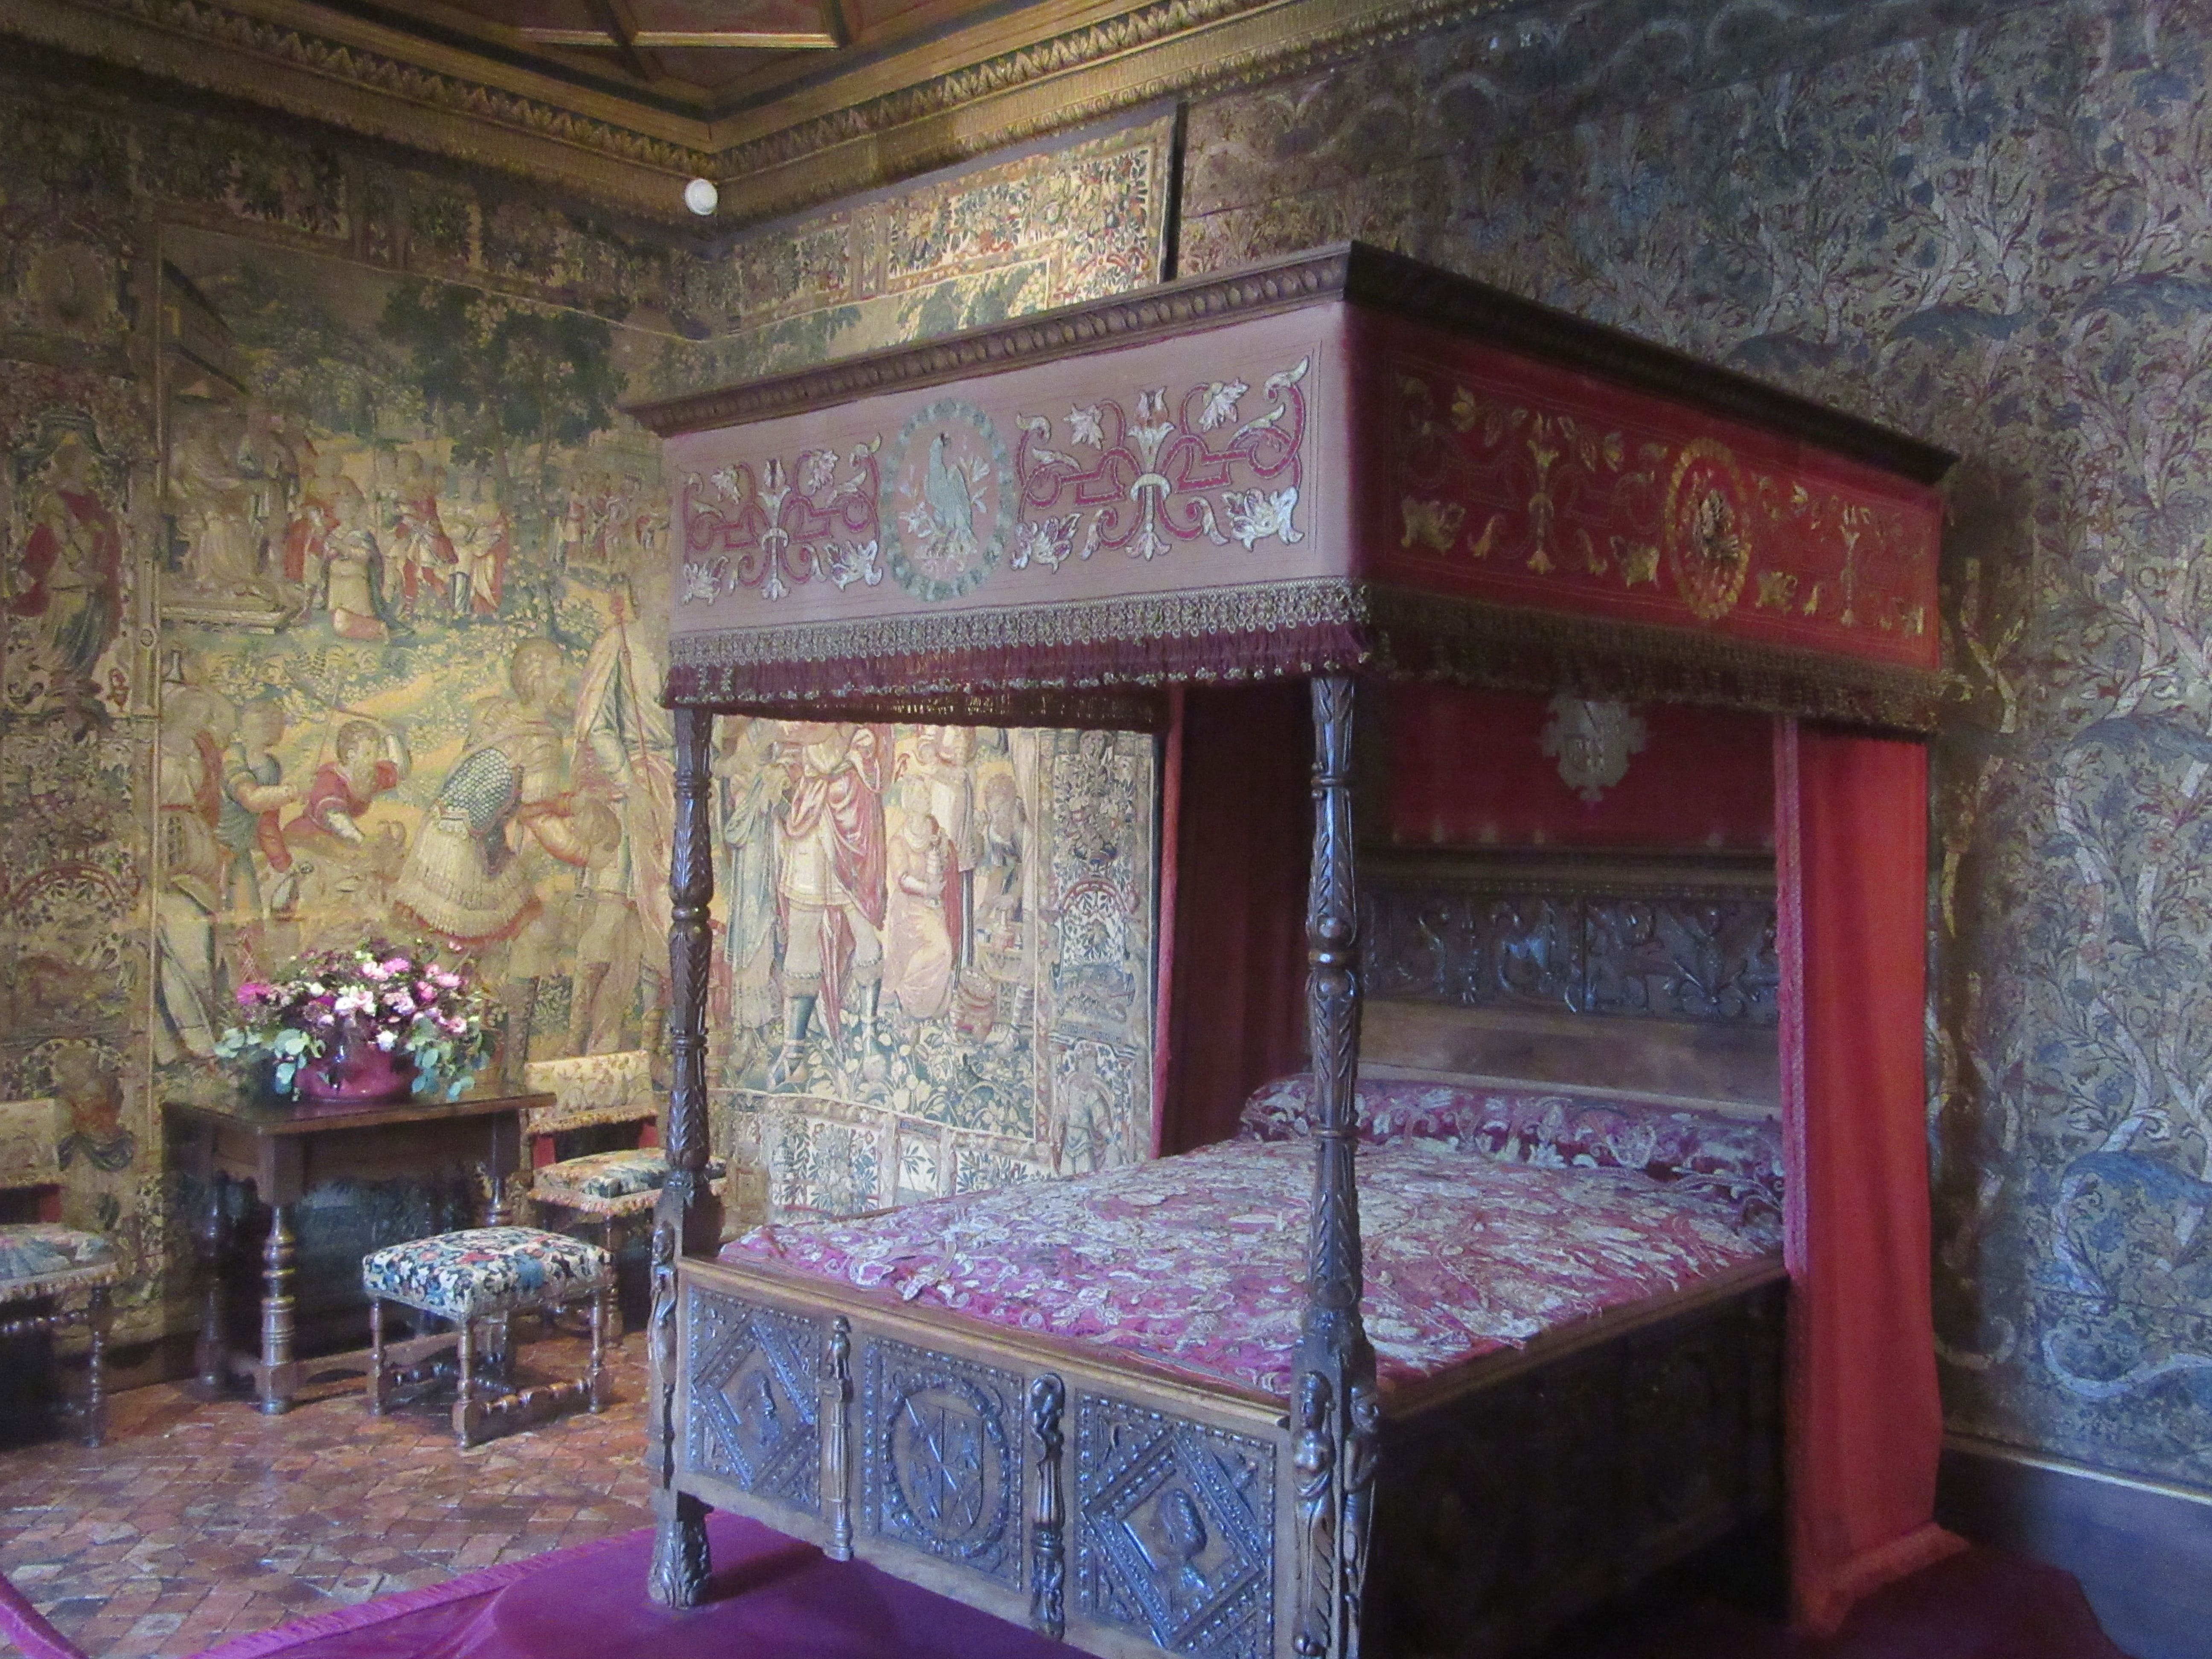 Chambre du chateau de Chenonceaux